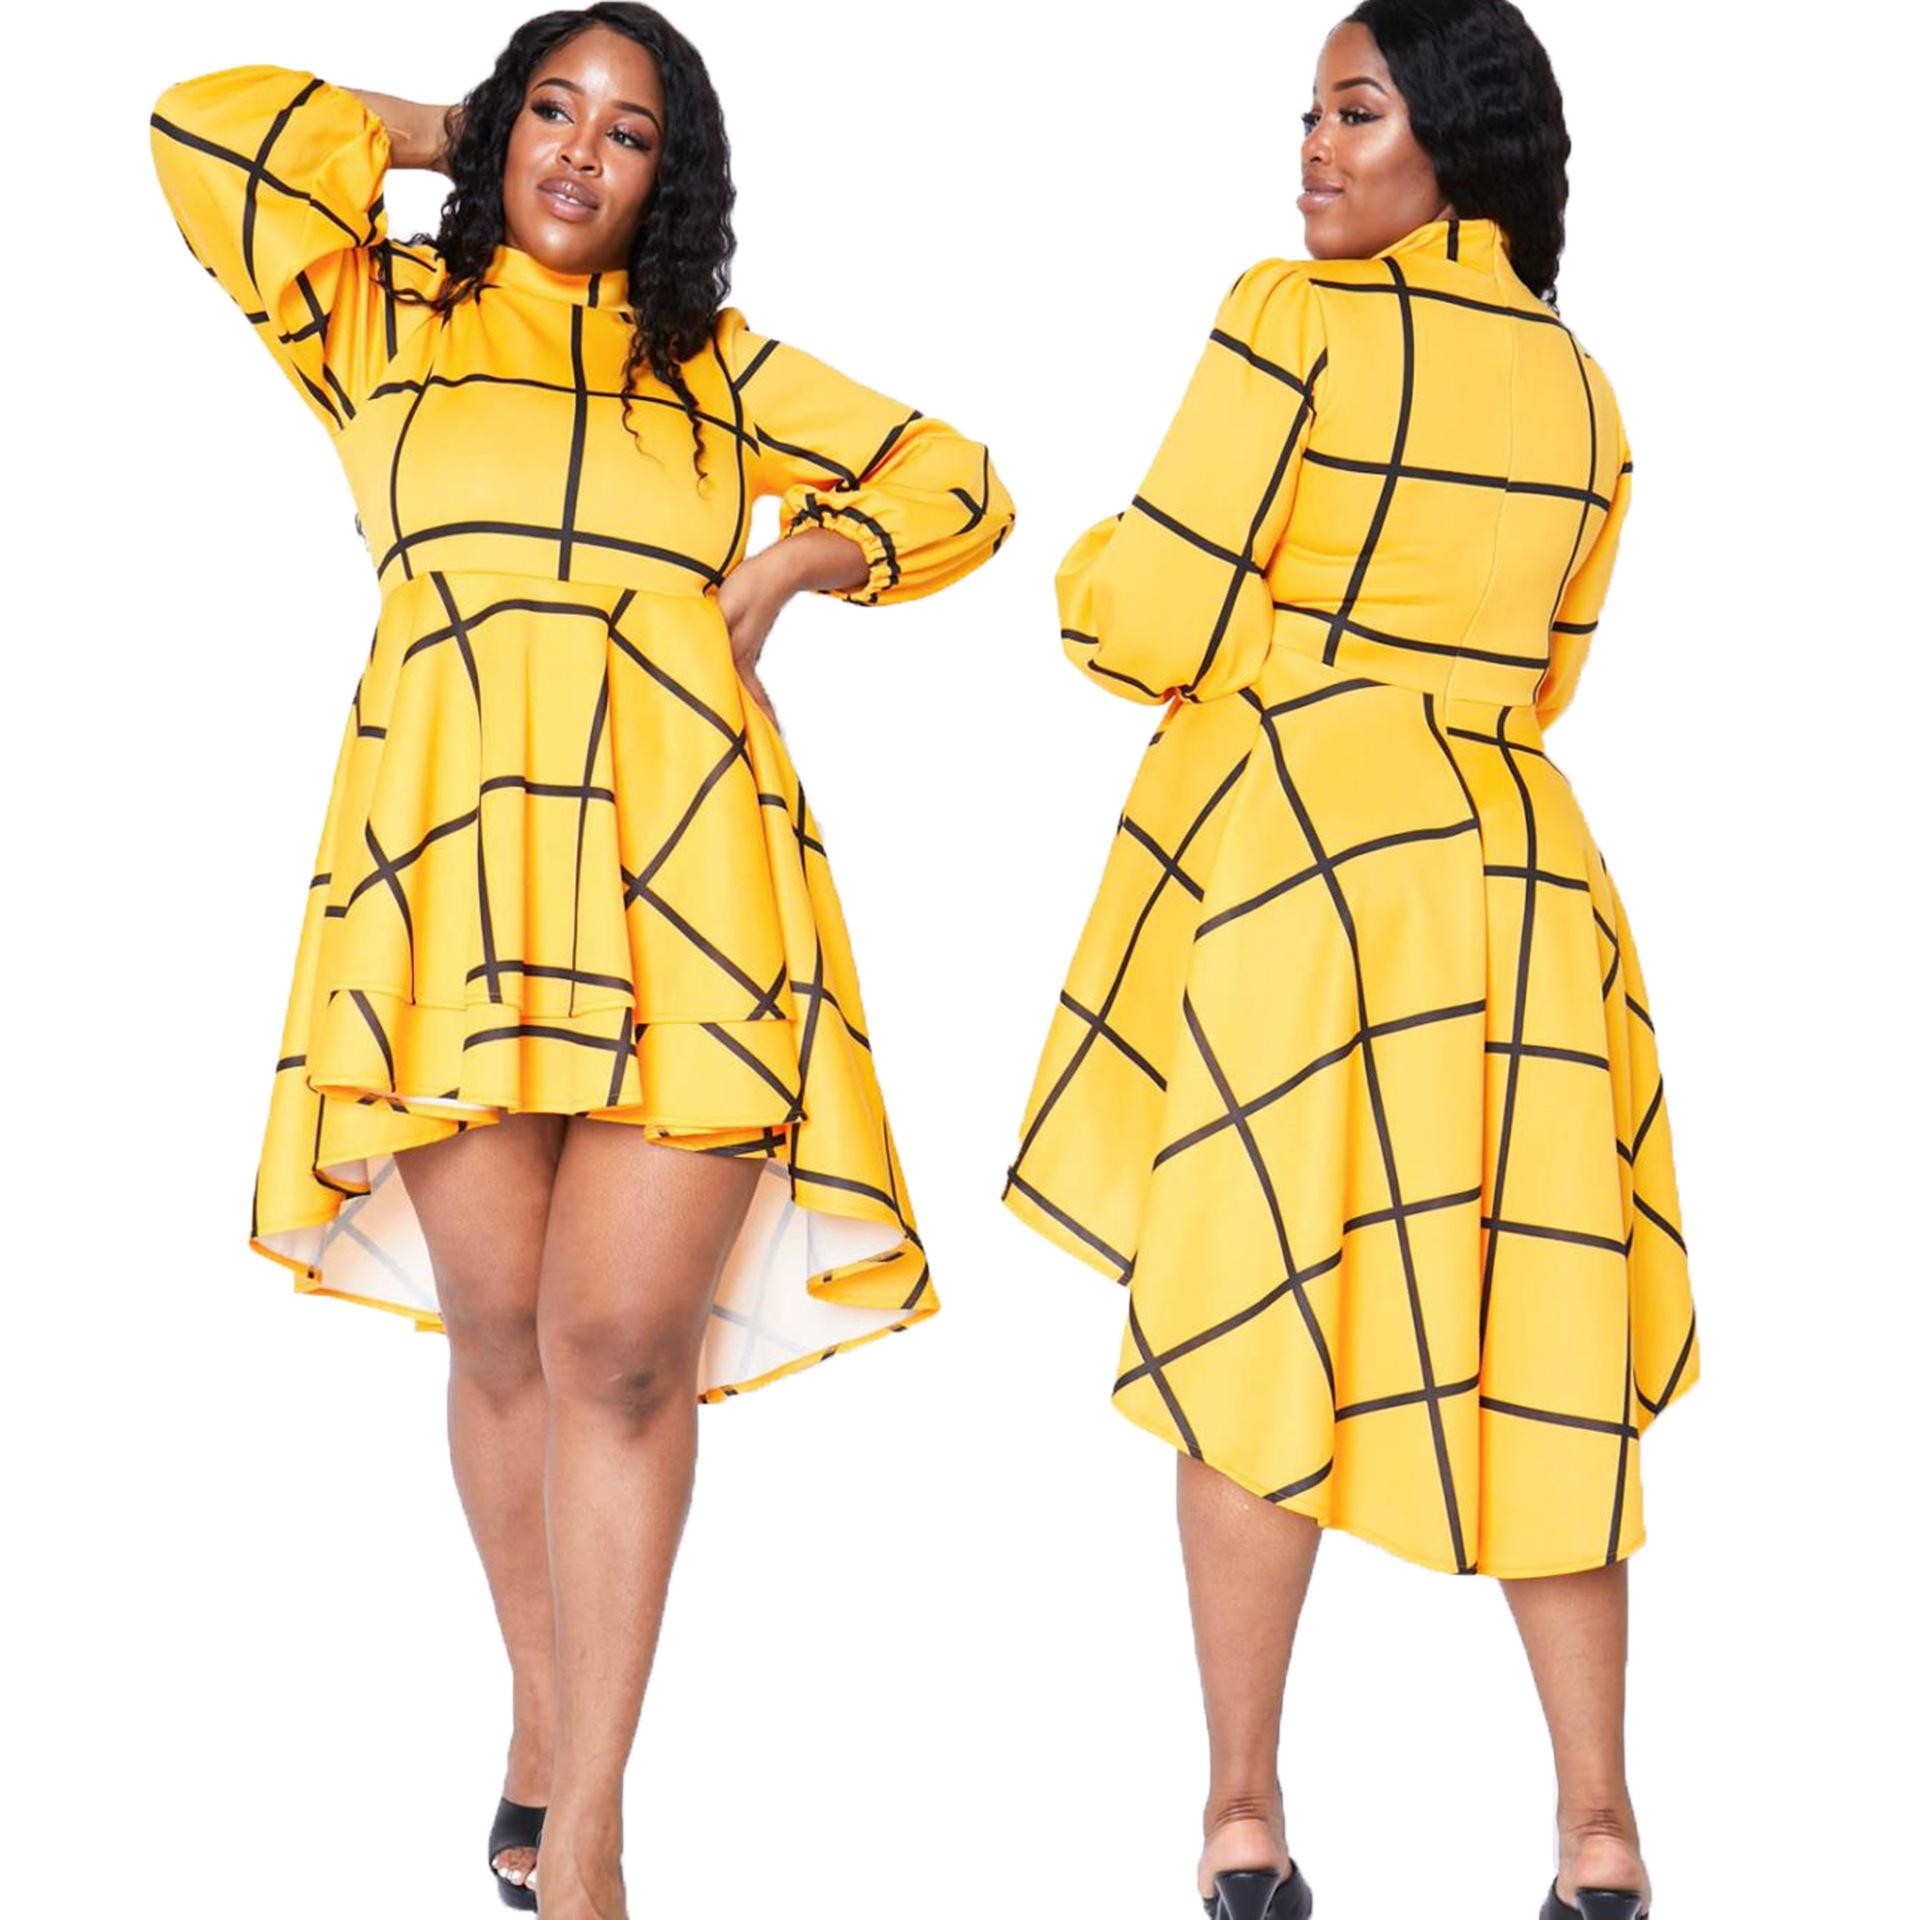 Mode zwei Stück Verkauf setzt neue Ankunft Trends, die Frau groß 2020 Großhandel Herbst Kleidung für Plus Size Frauen dehnen